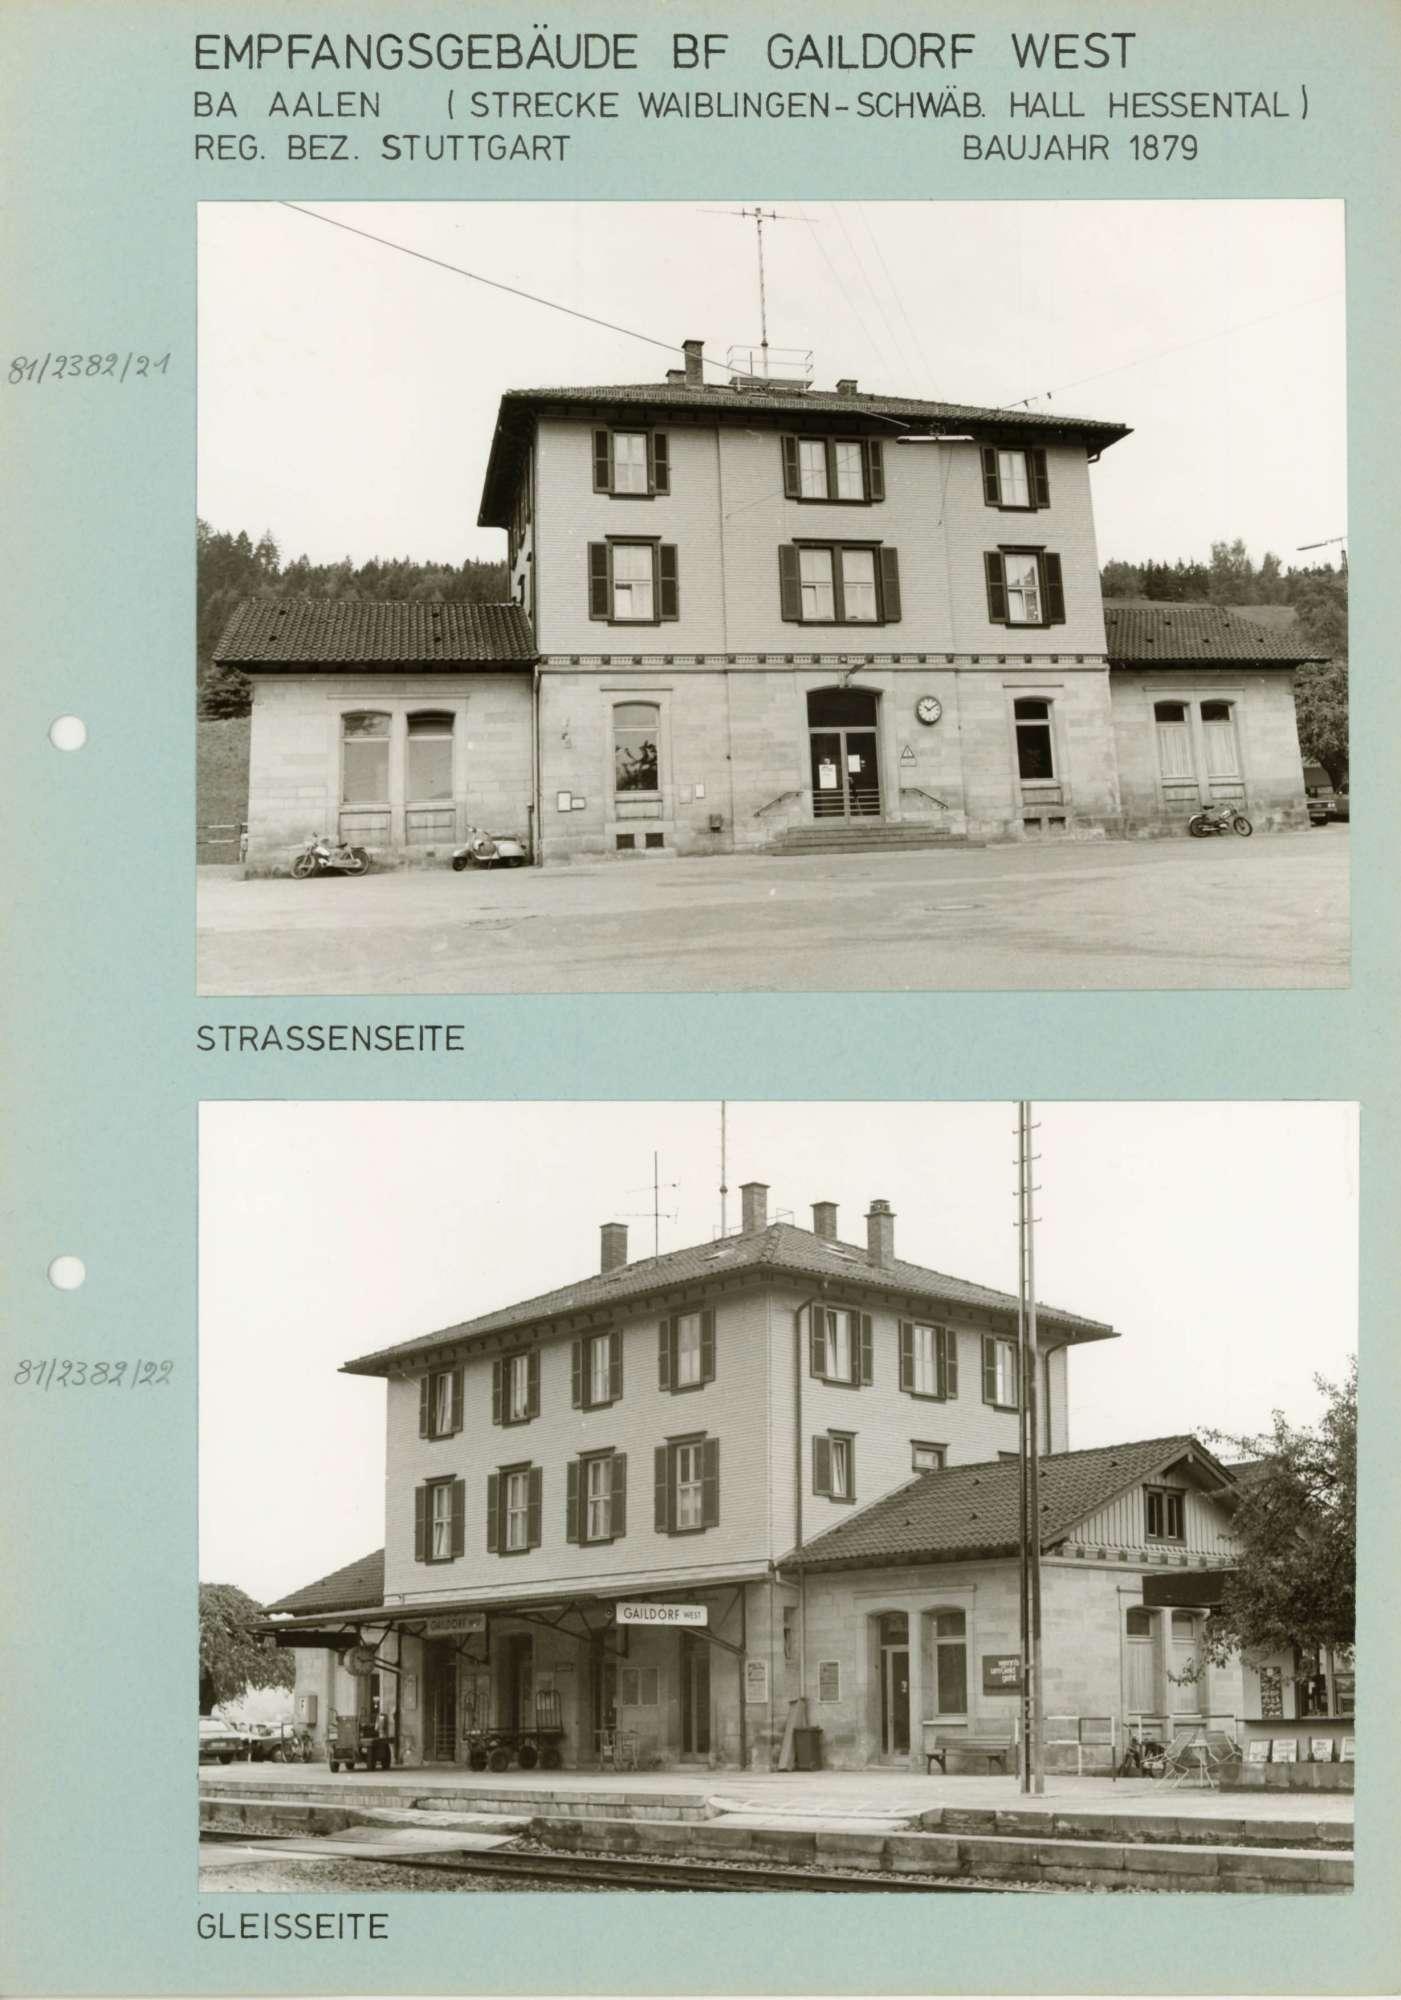 Gaildorf-West: 5 Fotos u.a., Bild 2